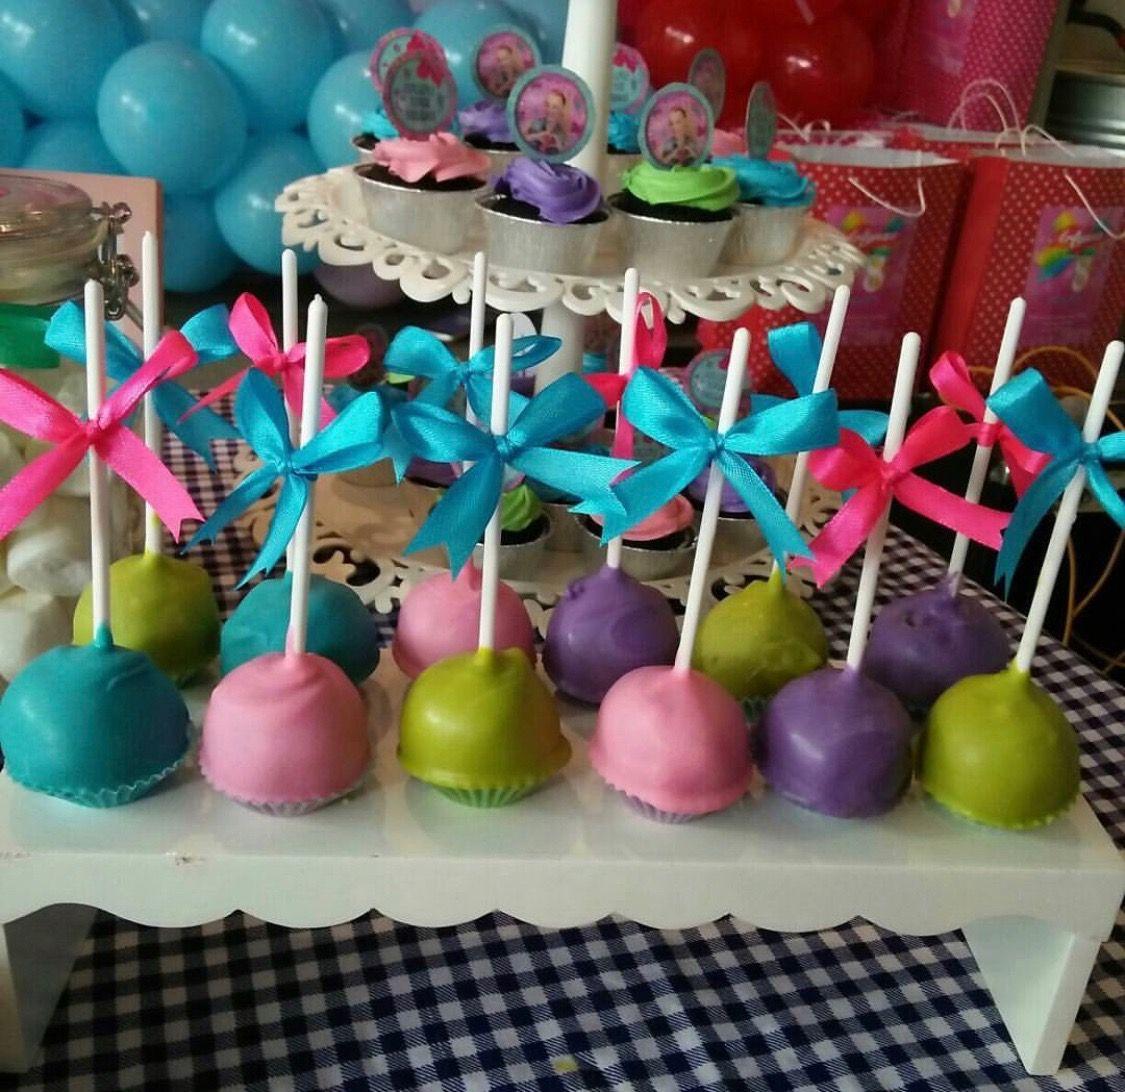 Jojo Siwa Cake Pops With Images Jojo Siwa Birthday Jojo Siwa